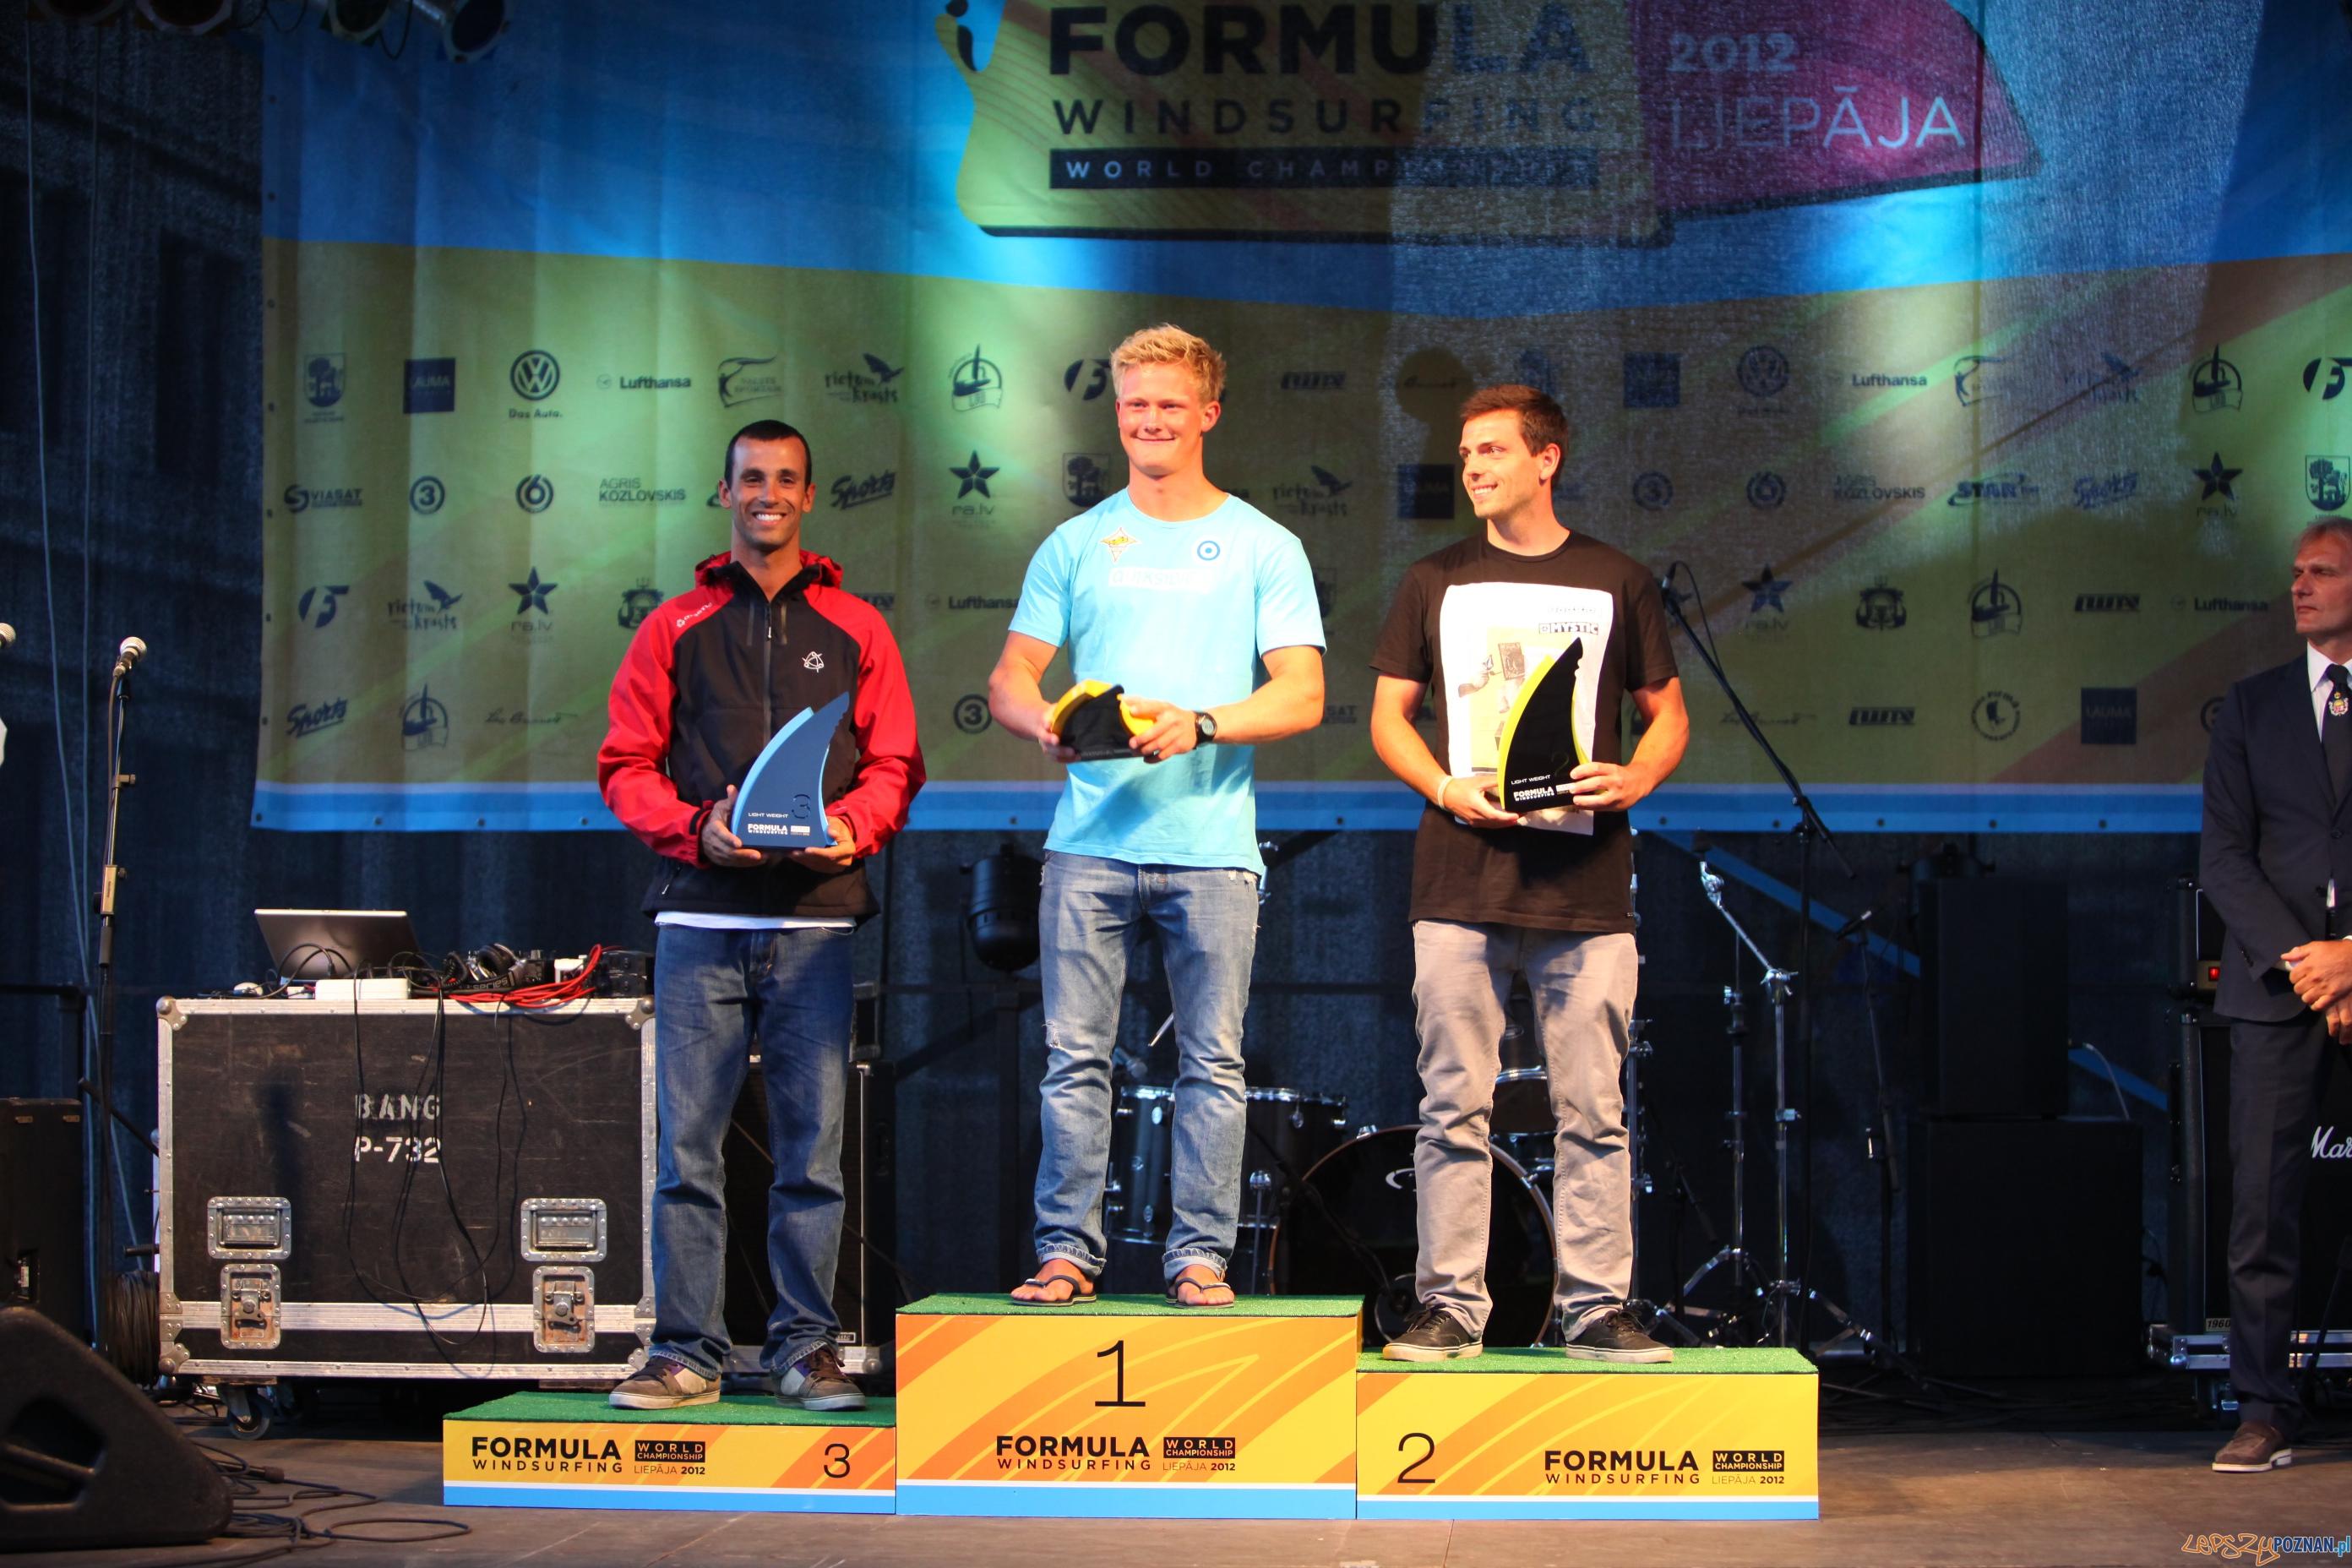 wojtek-na-podium  Foto: